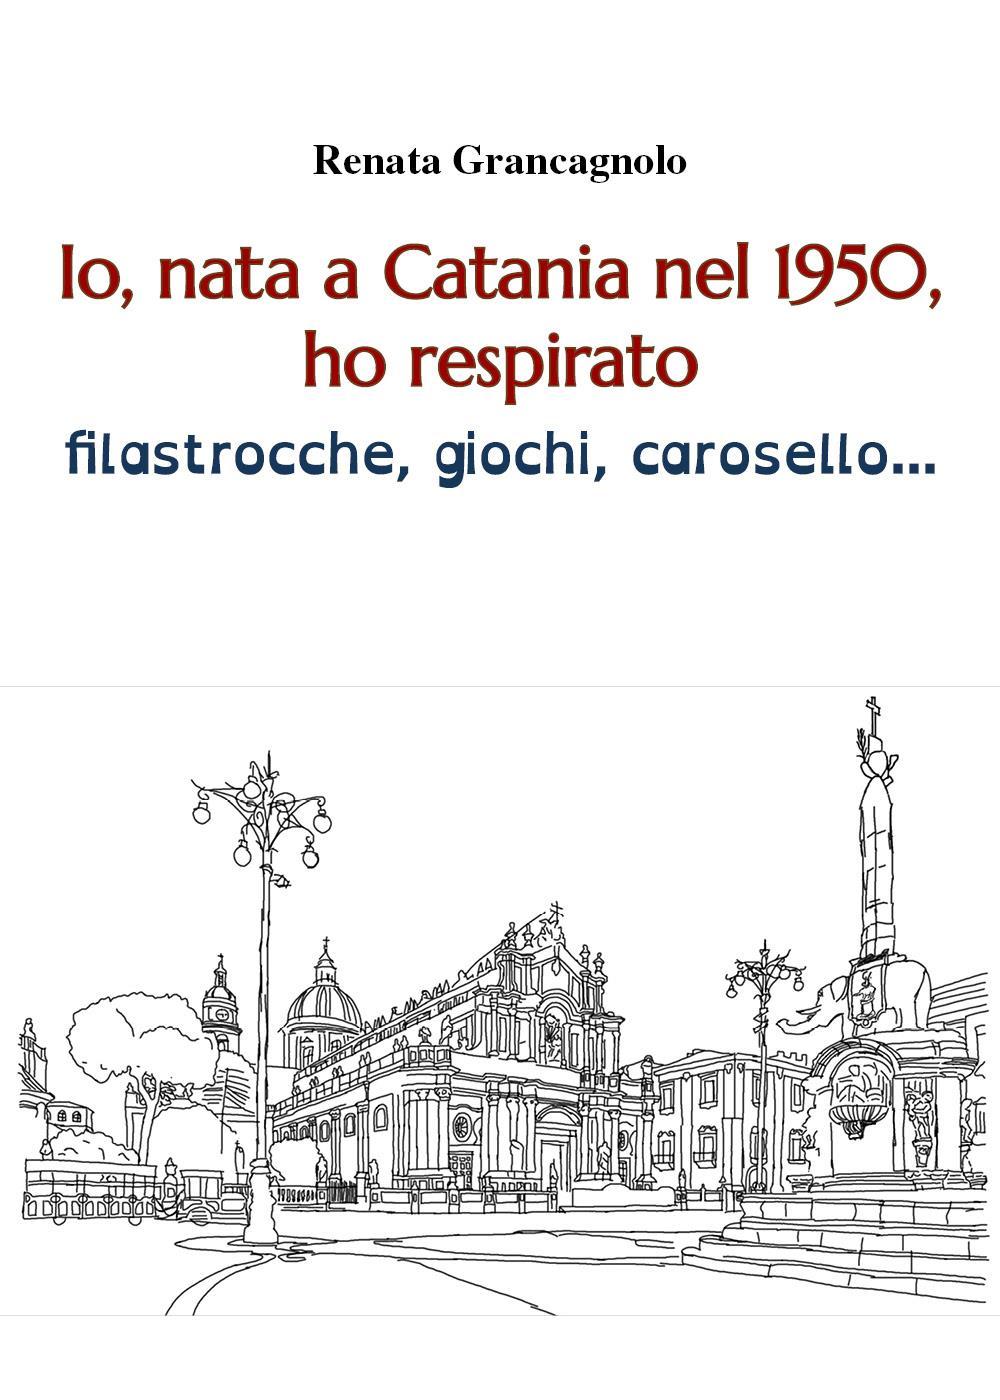 Io, nata a Catania nel 1950, ho respirato filastrocche, giochi, carosello...